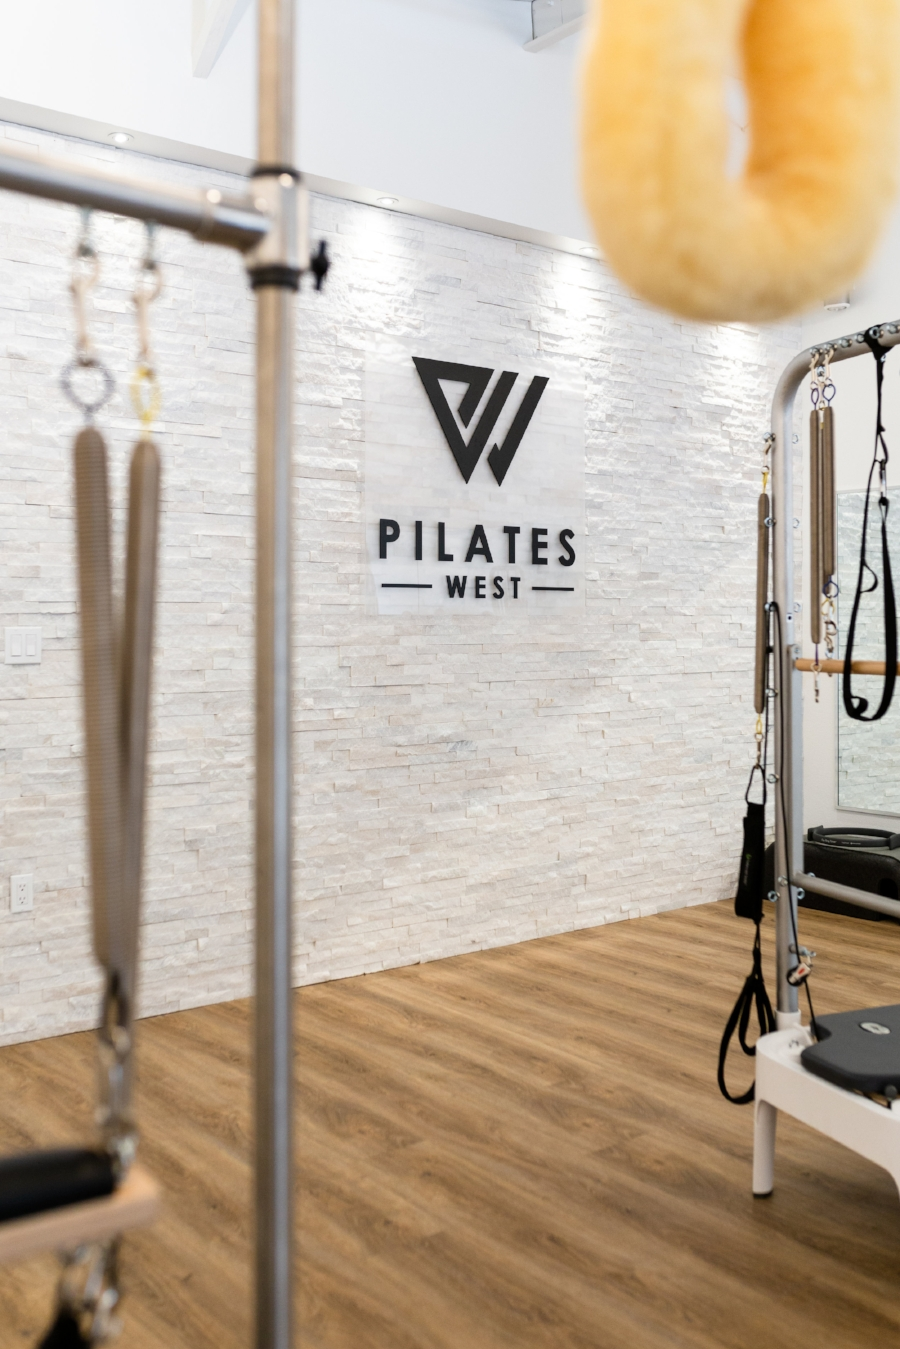 pilates-studio-design-love-ding-austin-texas-commercial-design.jpg